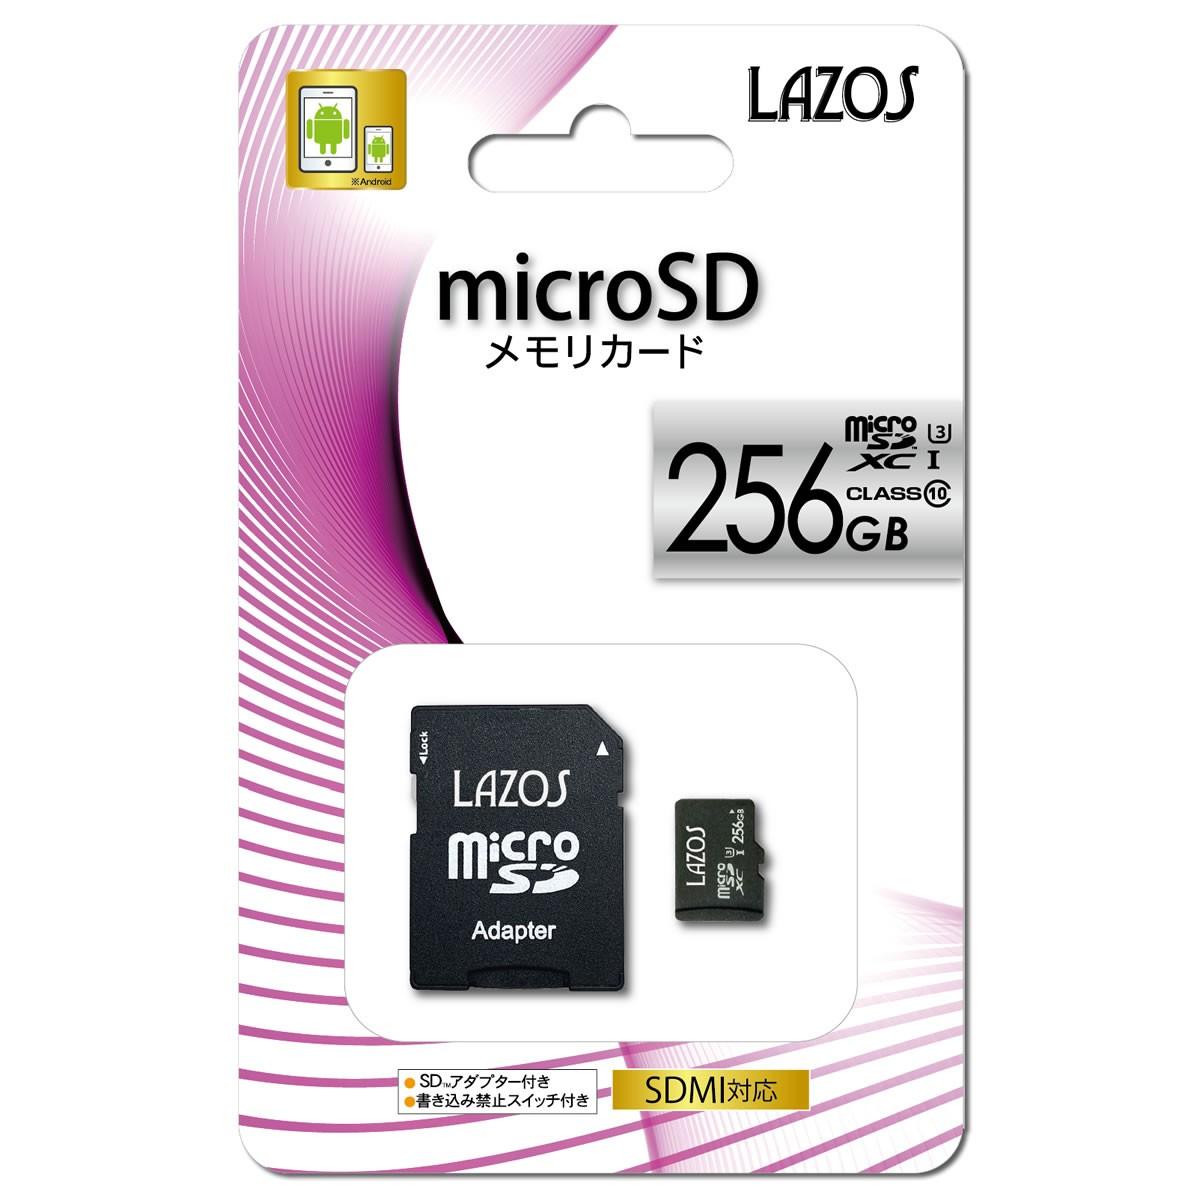 MicroSDメモリーカード 256GB マイクロ SDカード microSDHC メモリーカード TFカード CLASS10 SDカード 変換アダプタ付き 国内1年保証